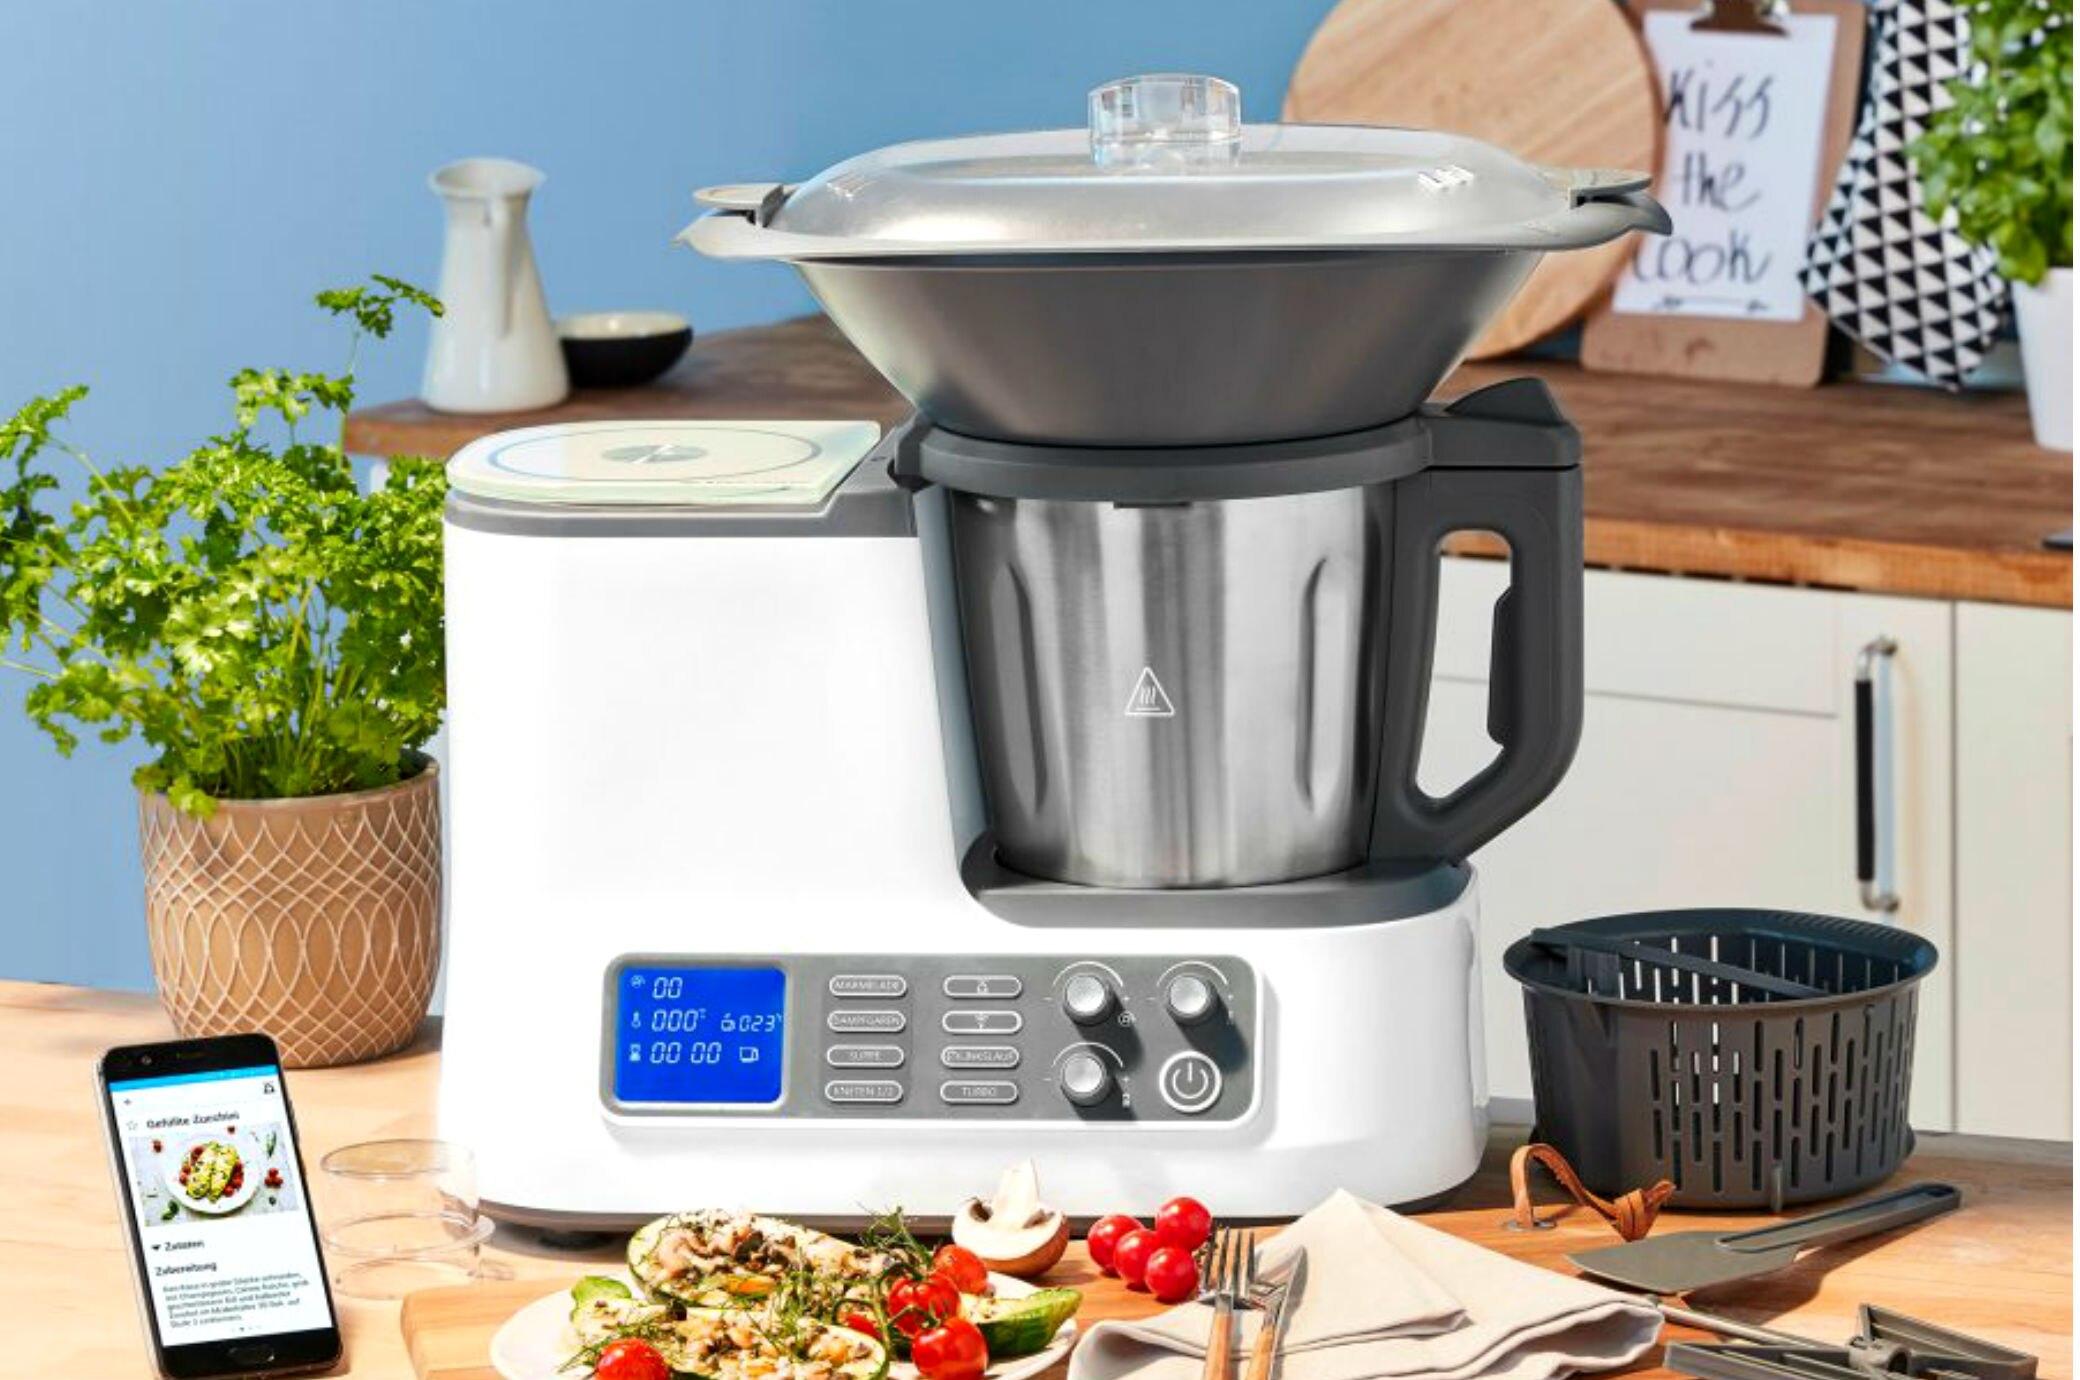 Aldi Kuchenmaschine Quigg